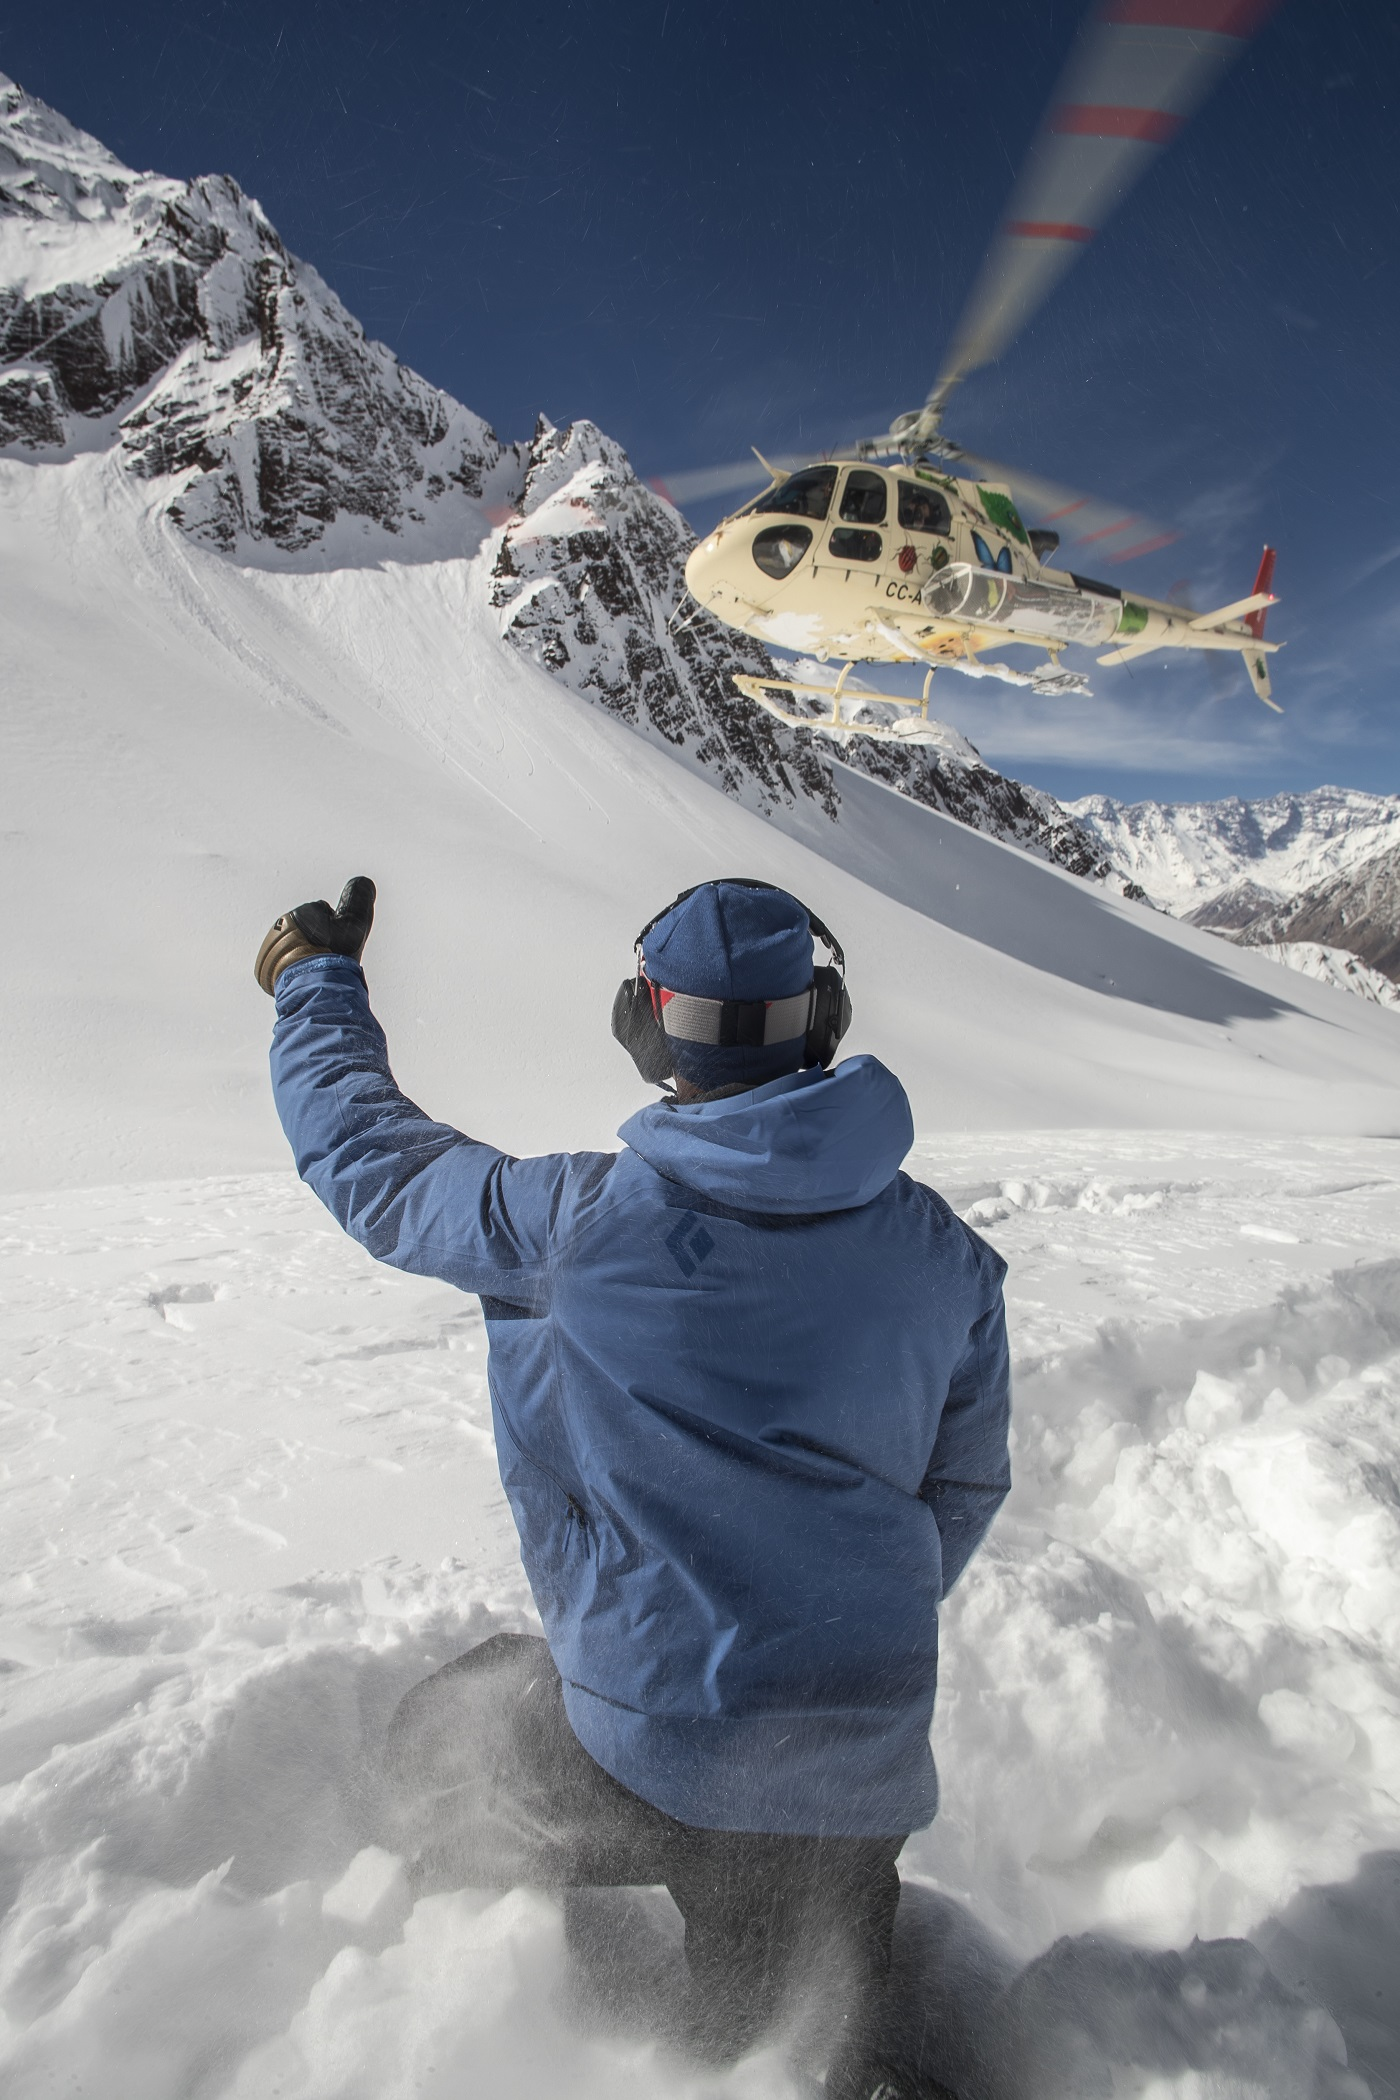 Heli ski é opção para esquiadores experientes em busca de adrenalina na montanha (Foto: Divulgação)